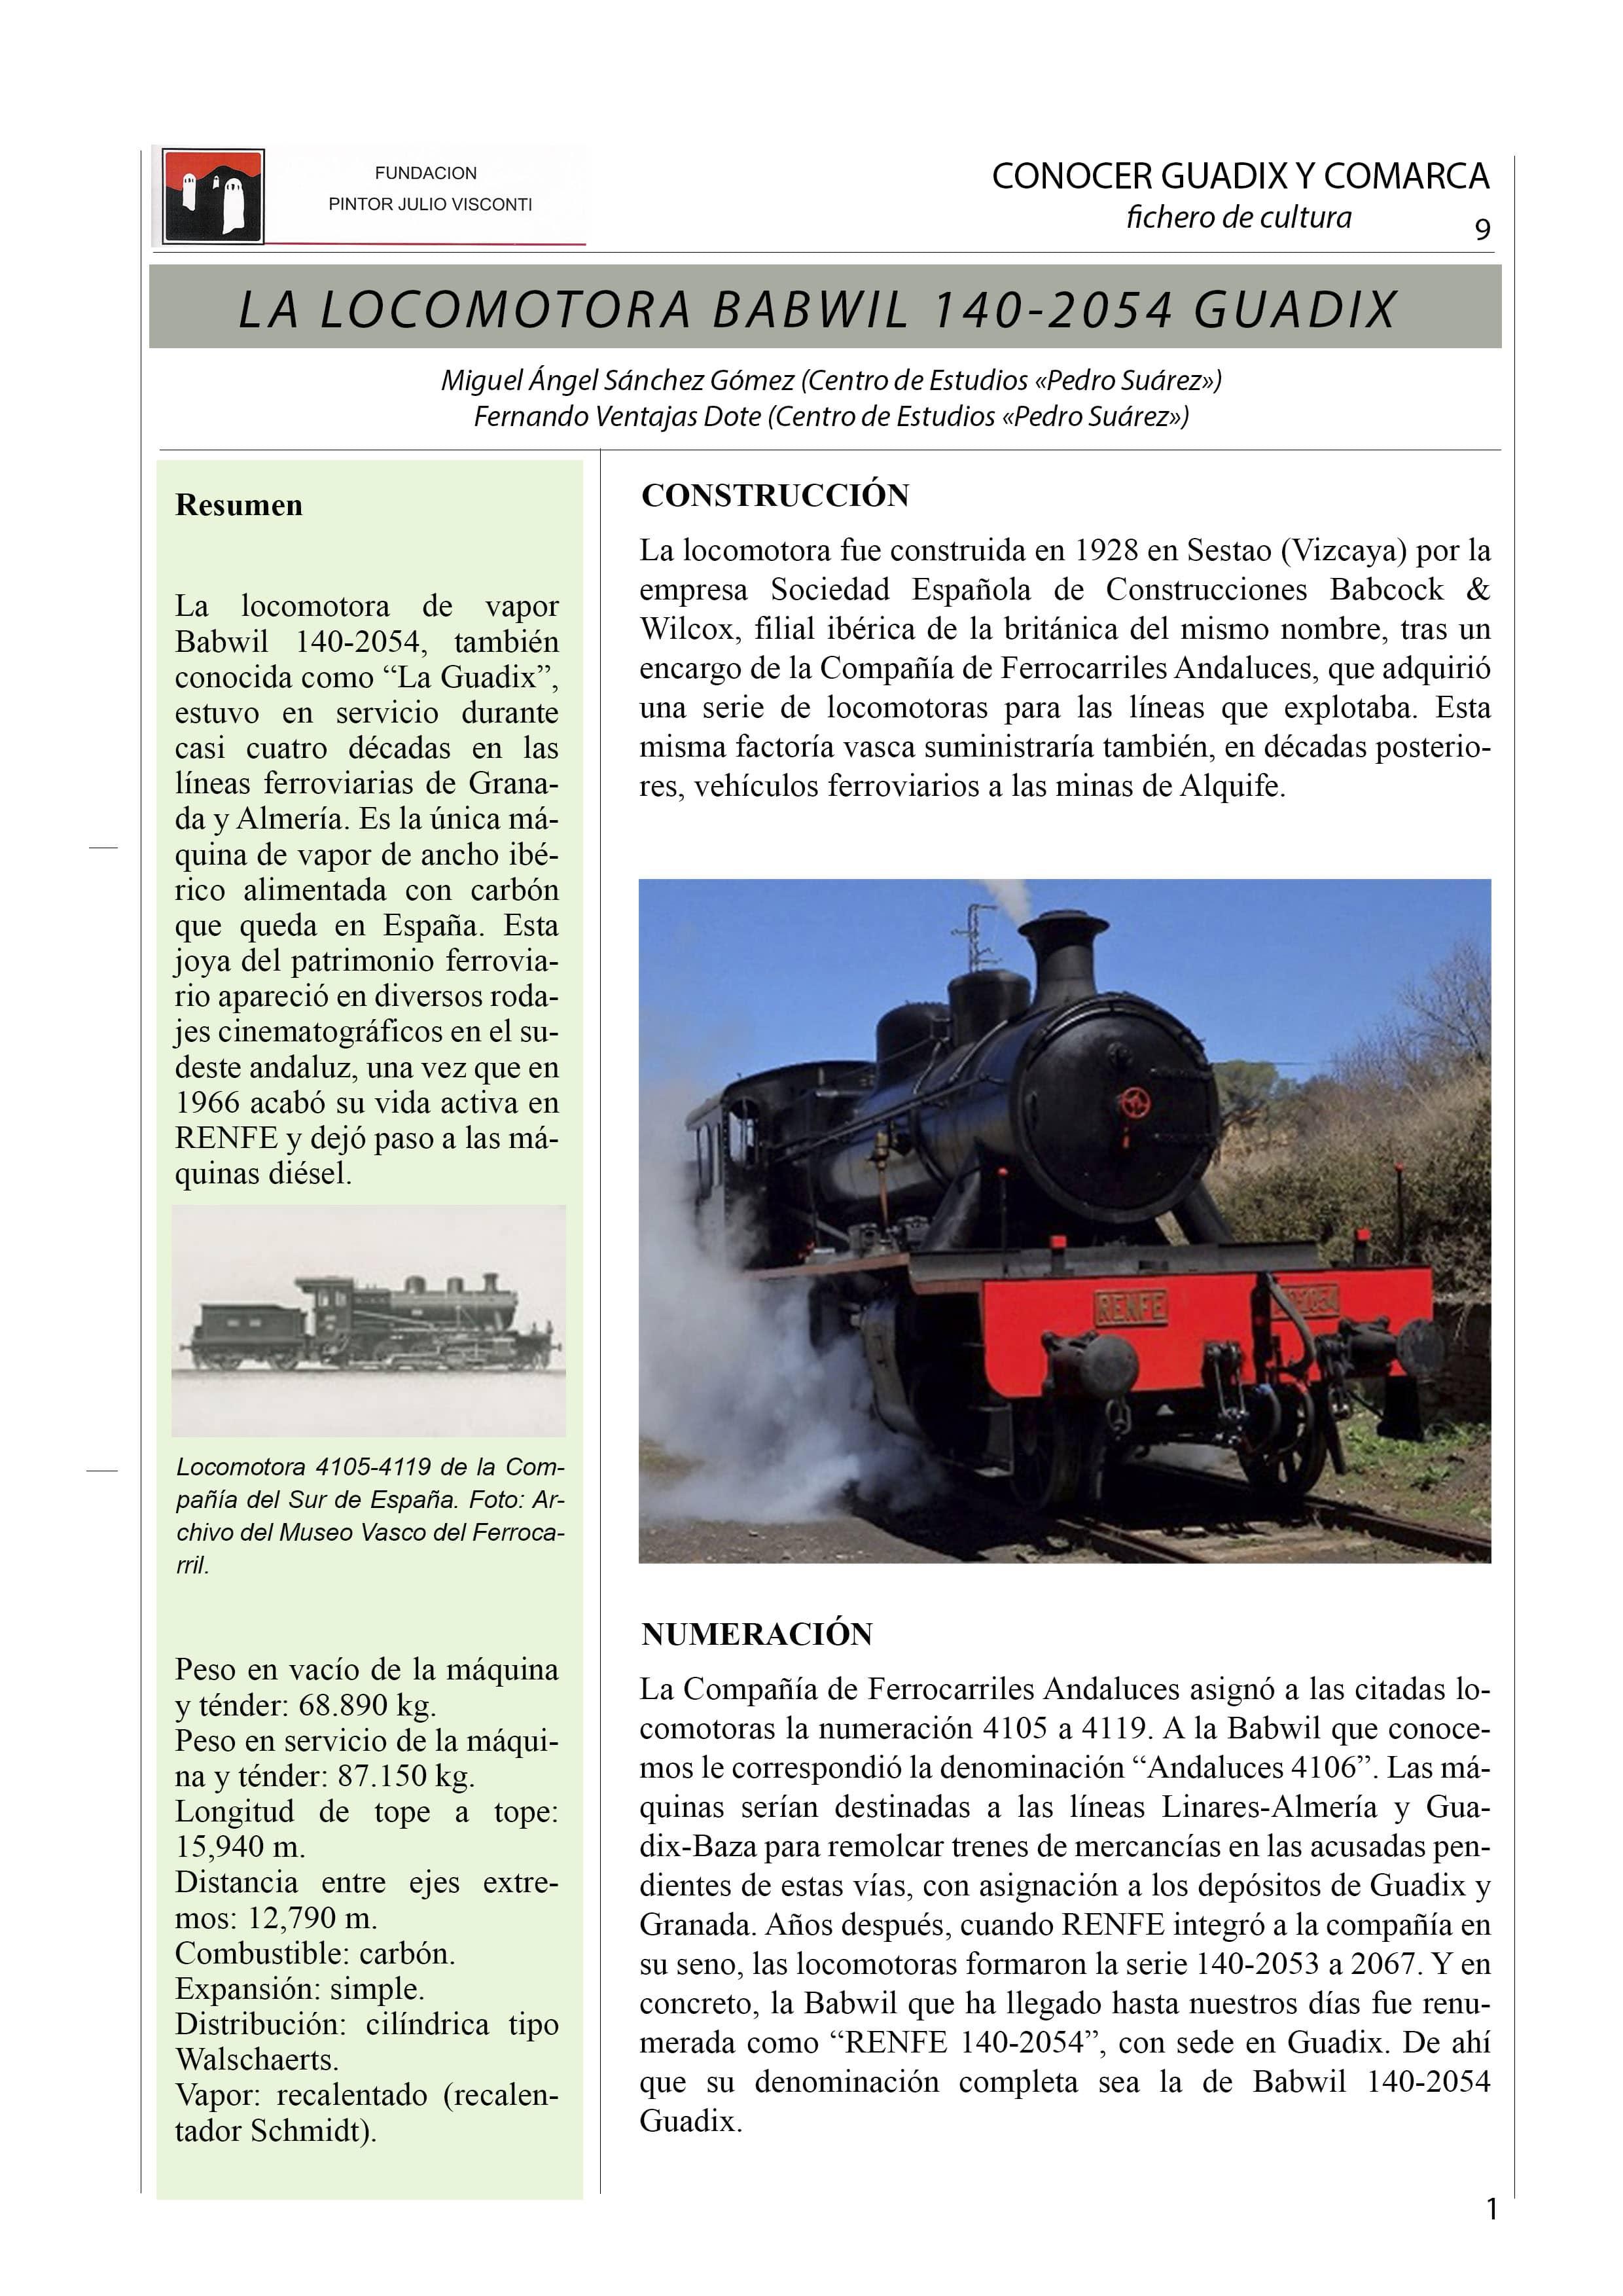 Locomotora Guadix 1 definitiva-min